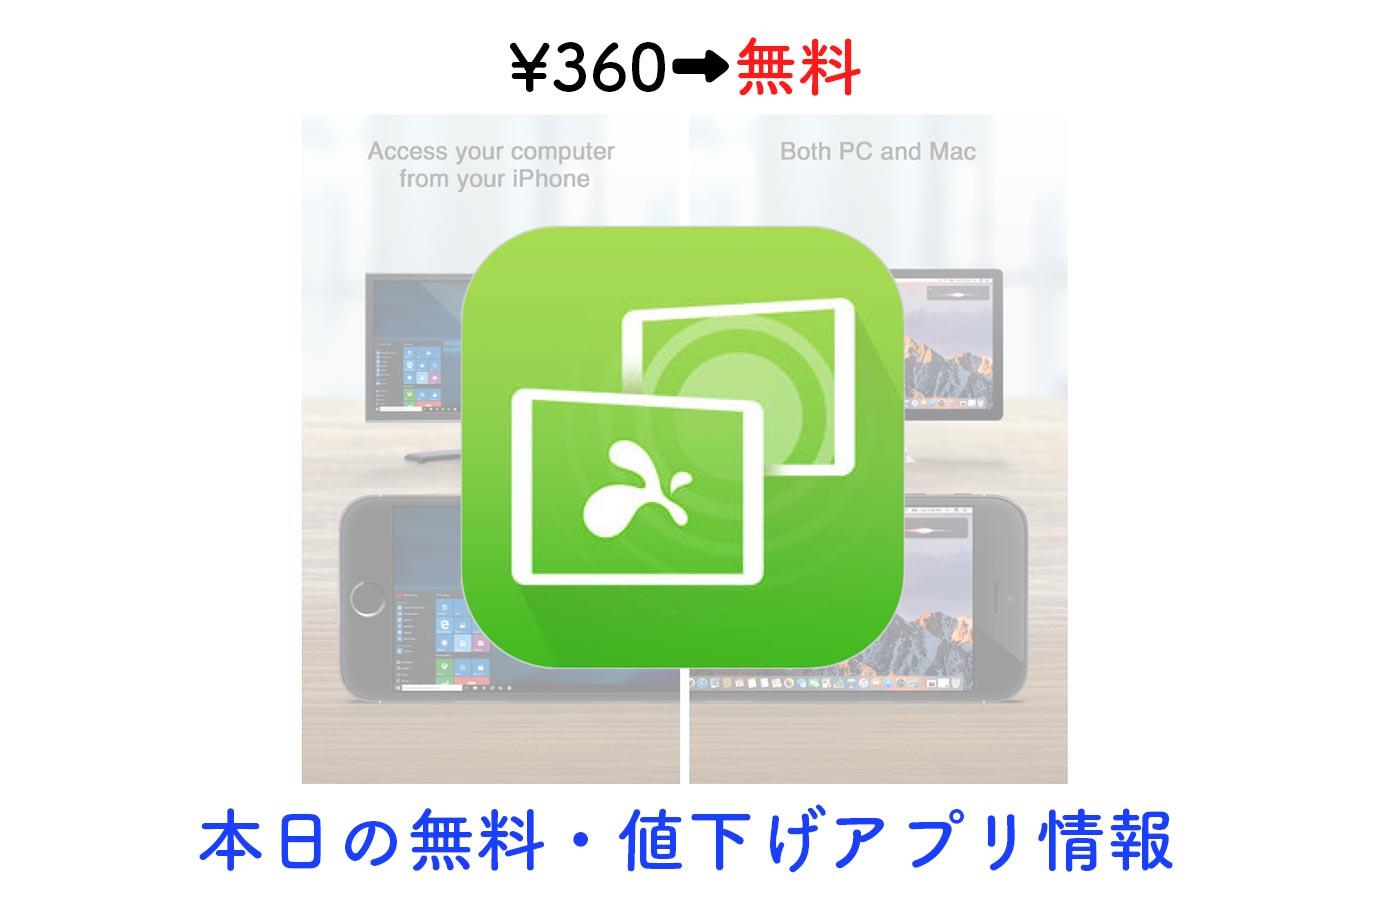 ¥360→無料、リモートデスクトップアプリ「Splashtop Personal」など【12/7】本日の無料・値下げアプリ情報